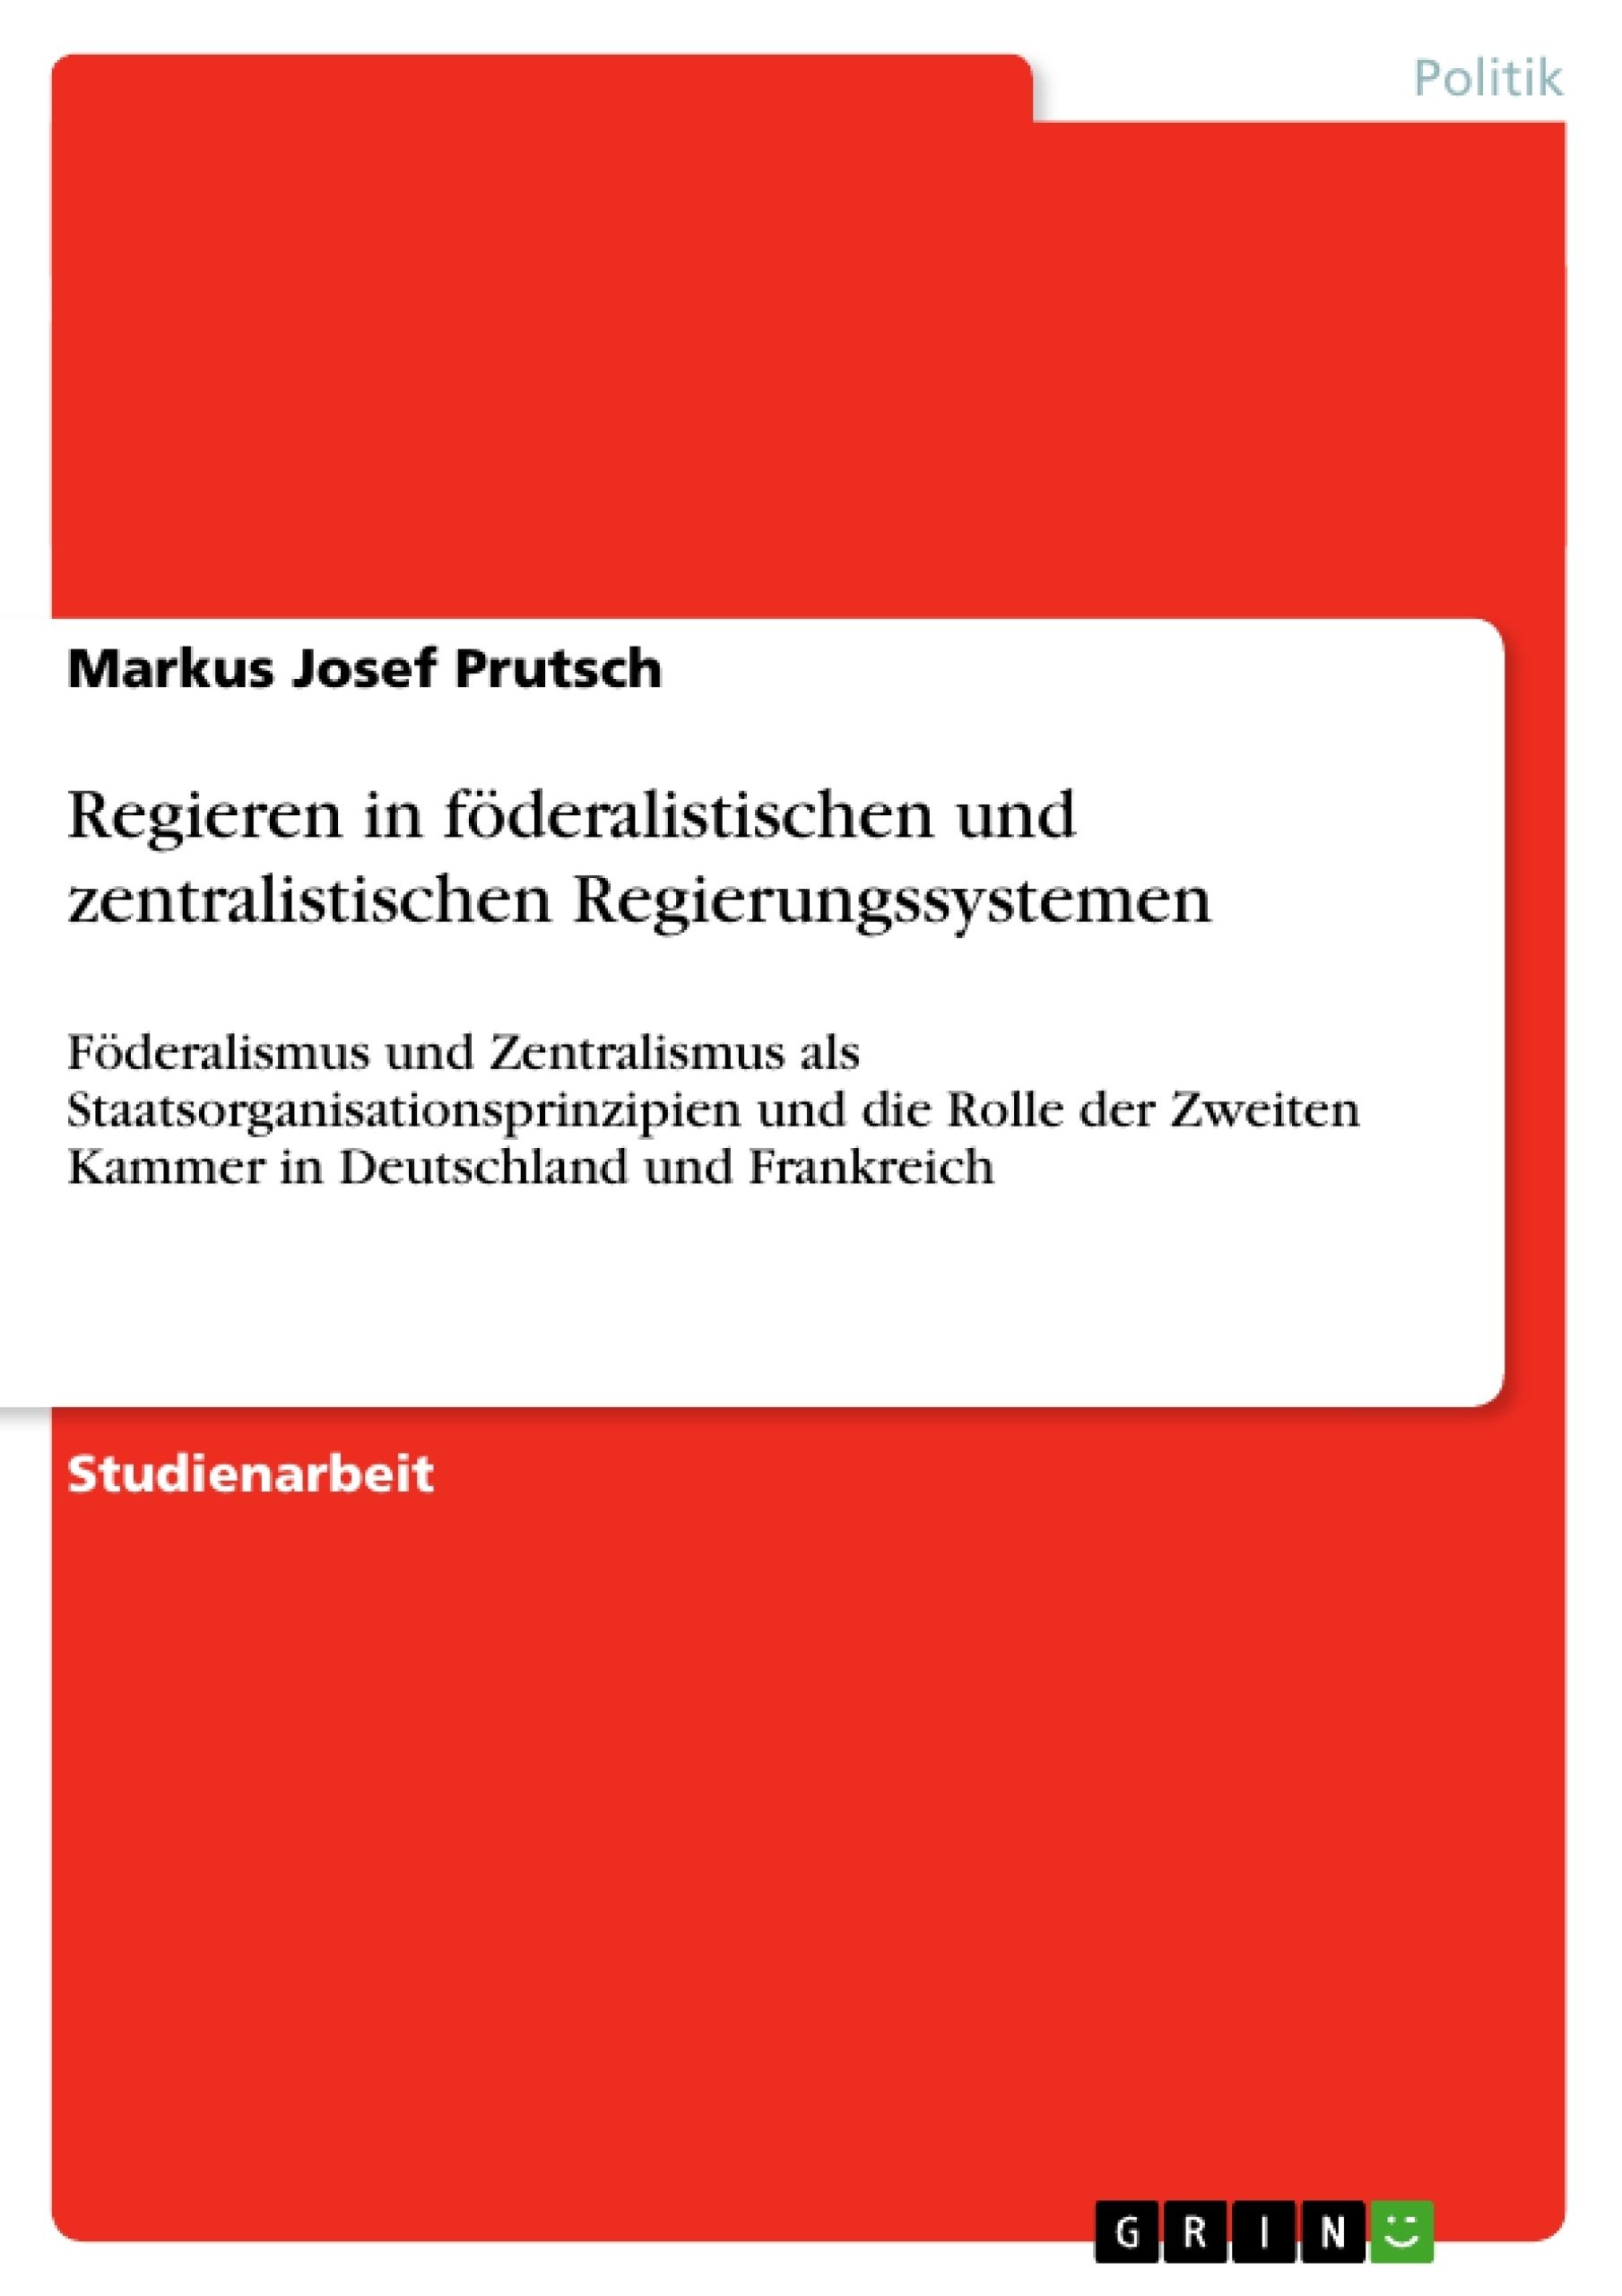 Titel: Regieren in föderalistischen und zentralistischen Regierungssystemen